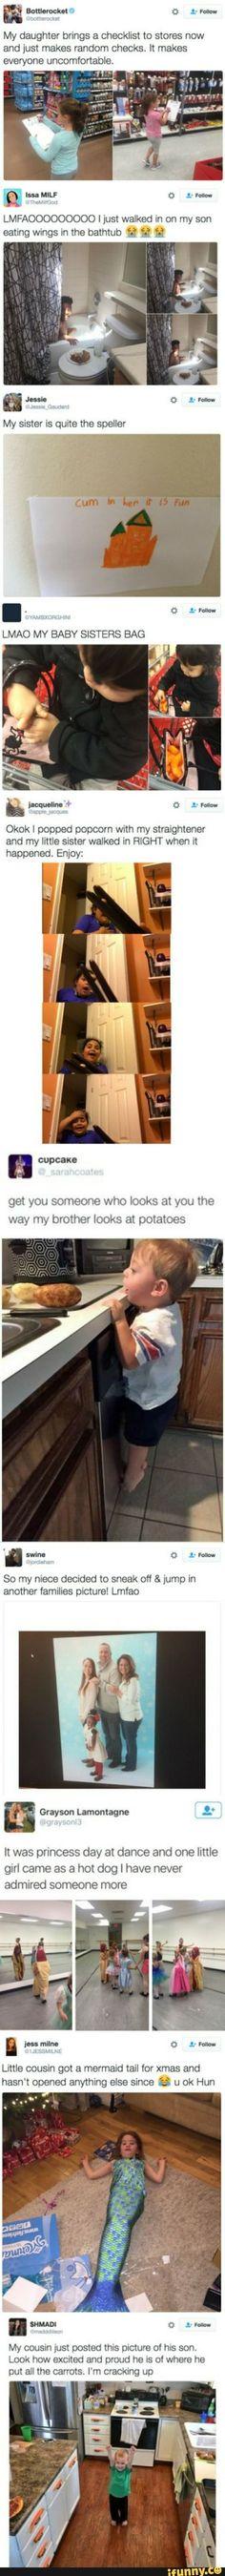 Little Princess Cooking Meme